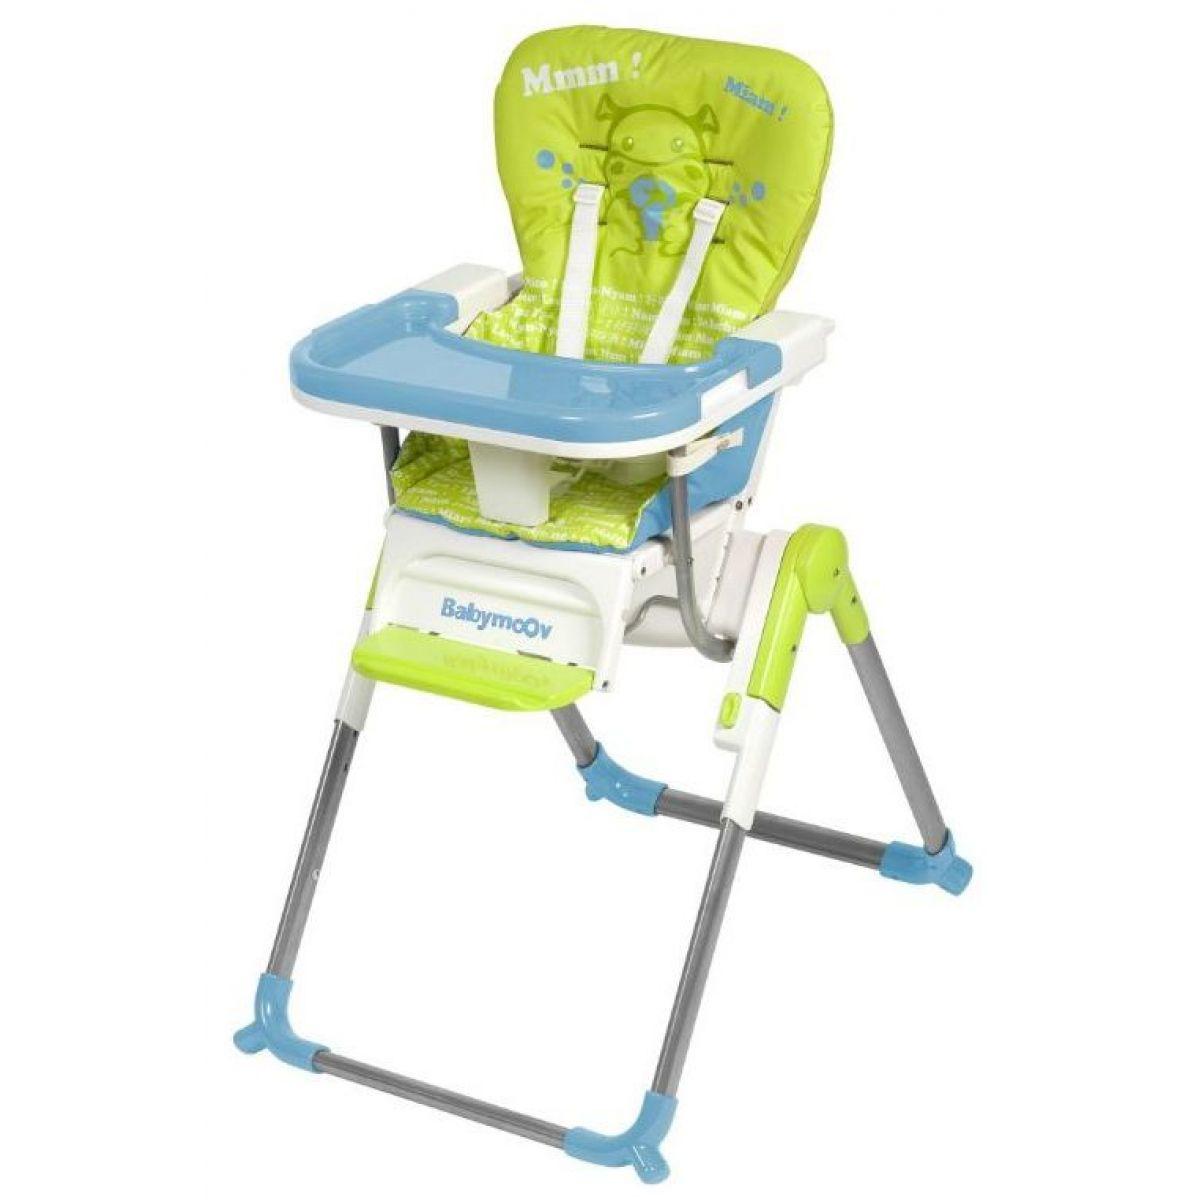 Jídelní židle SLIM Green/Blue Babymoov 010002